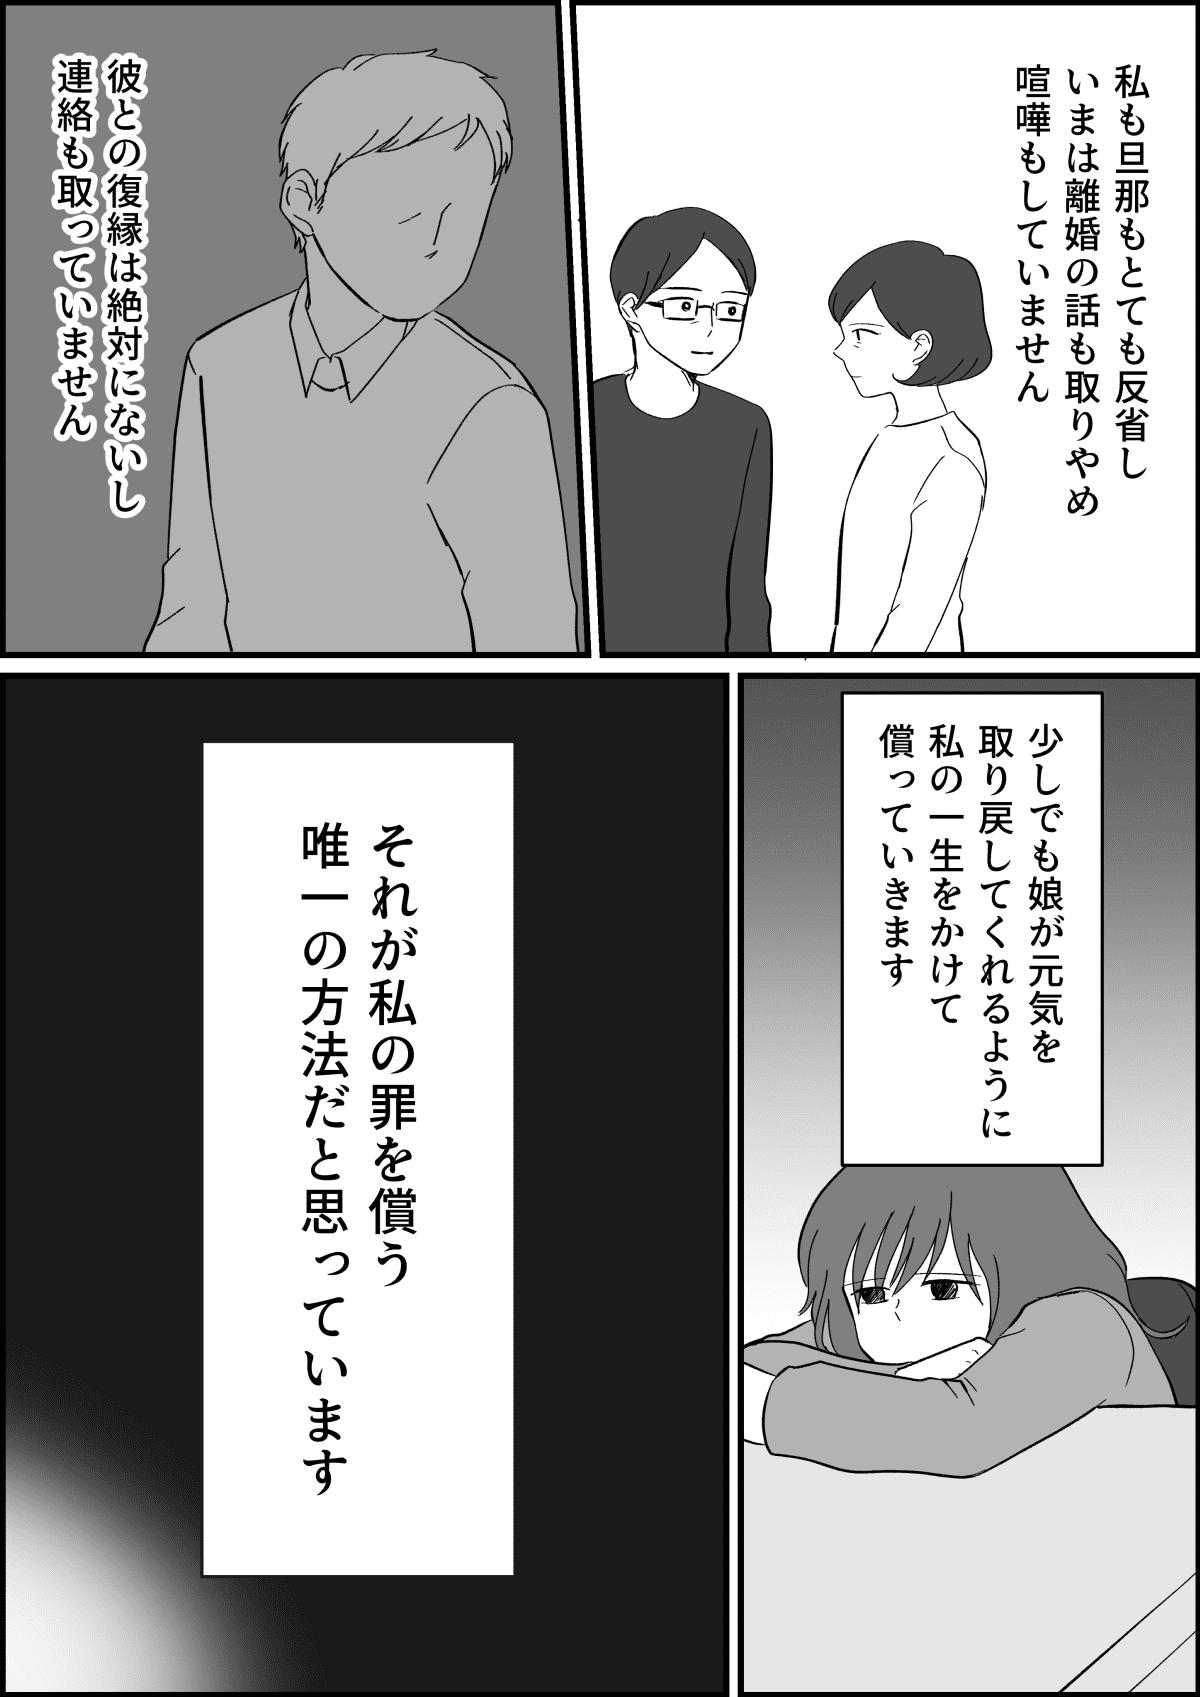 【中編】母親が不倫「娘はいらない!」